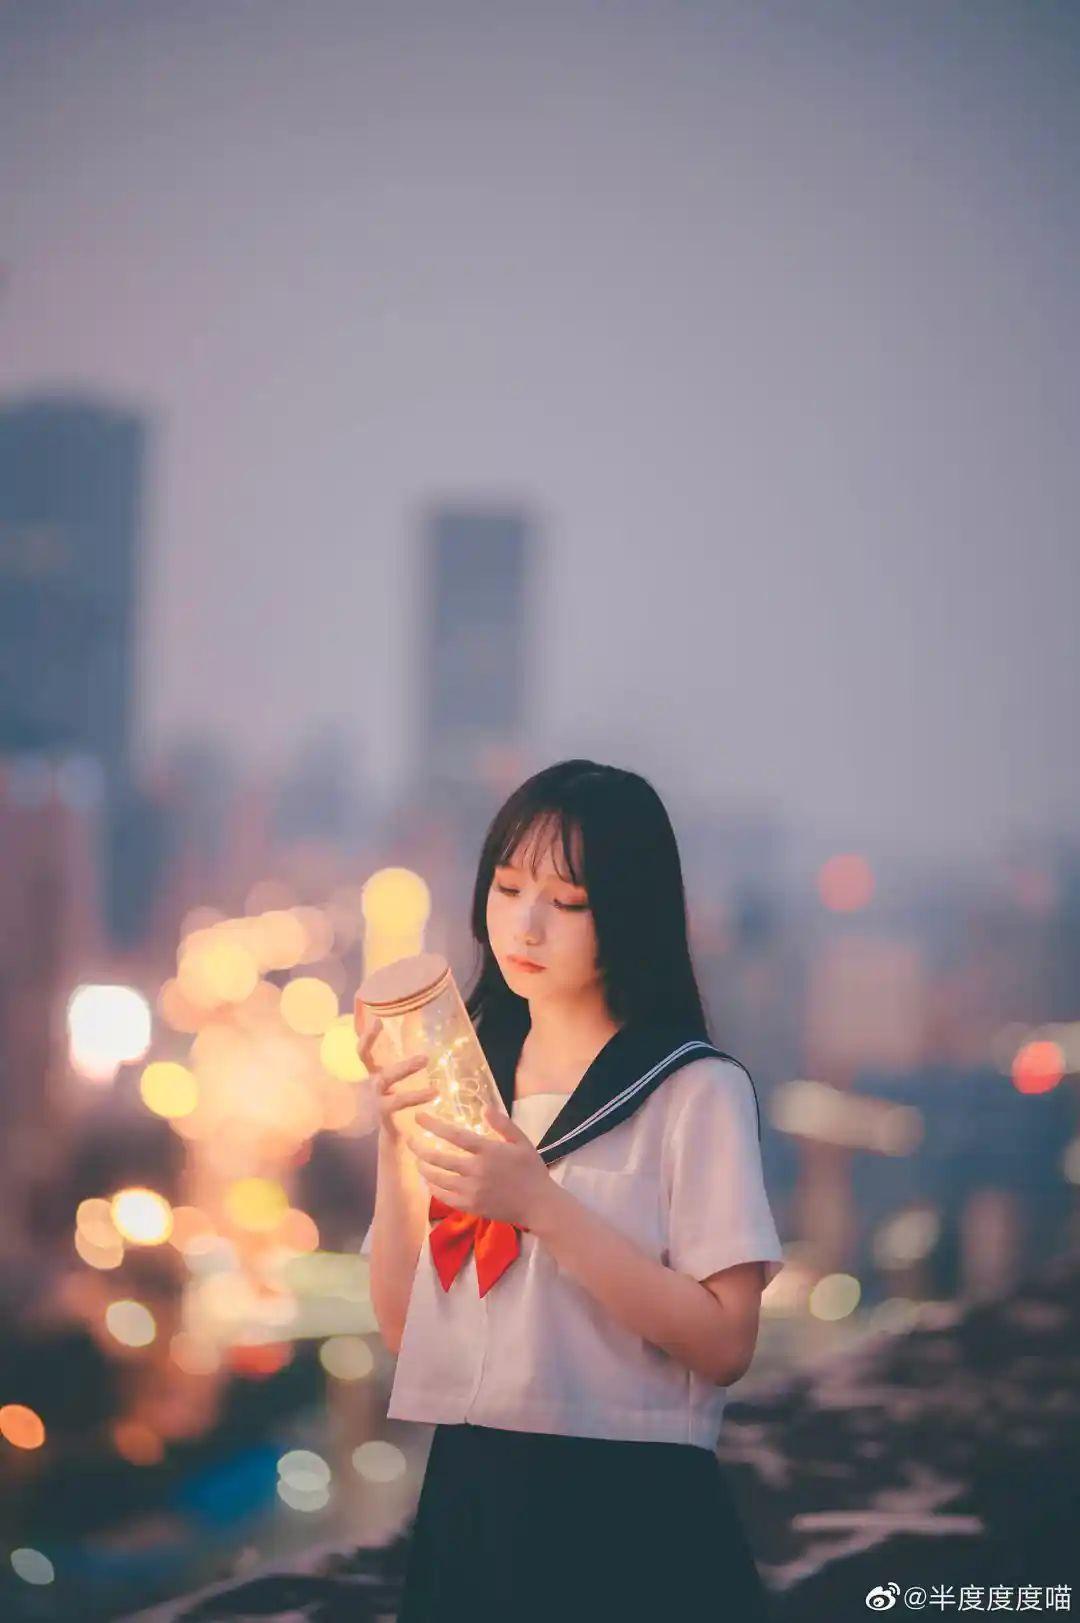 妹子摄影 – 元气JK制服少女,站在天台眺望高楼和朝阳_图片 No.9